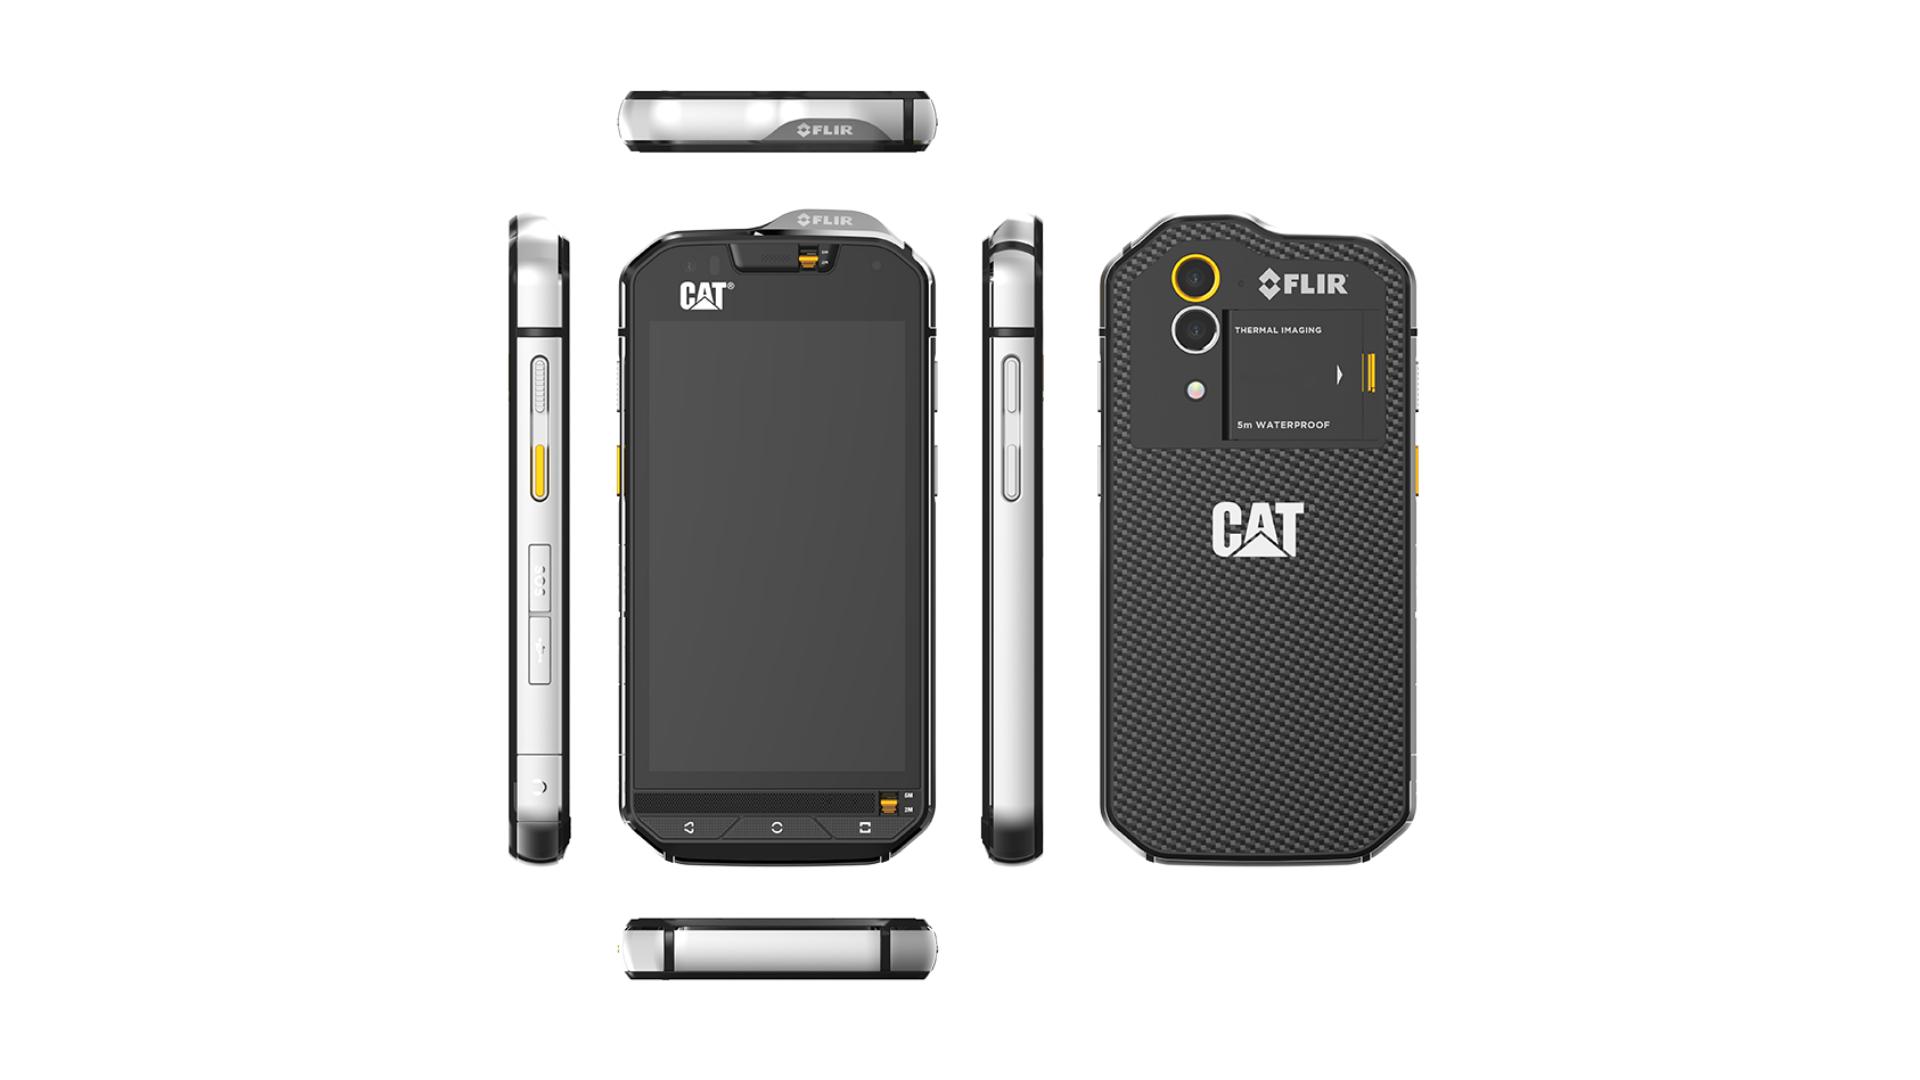 Colagem evidenciando todas as partes (traseira, laterais etc) do celular Caterpillar S60 em fundo branco.